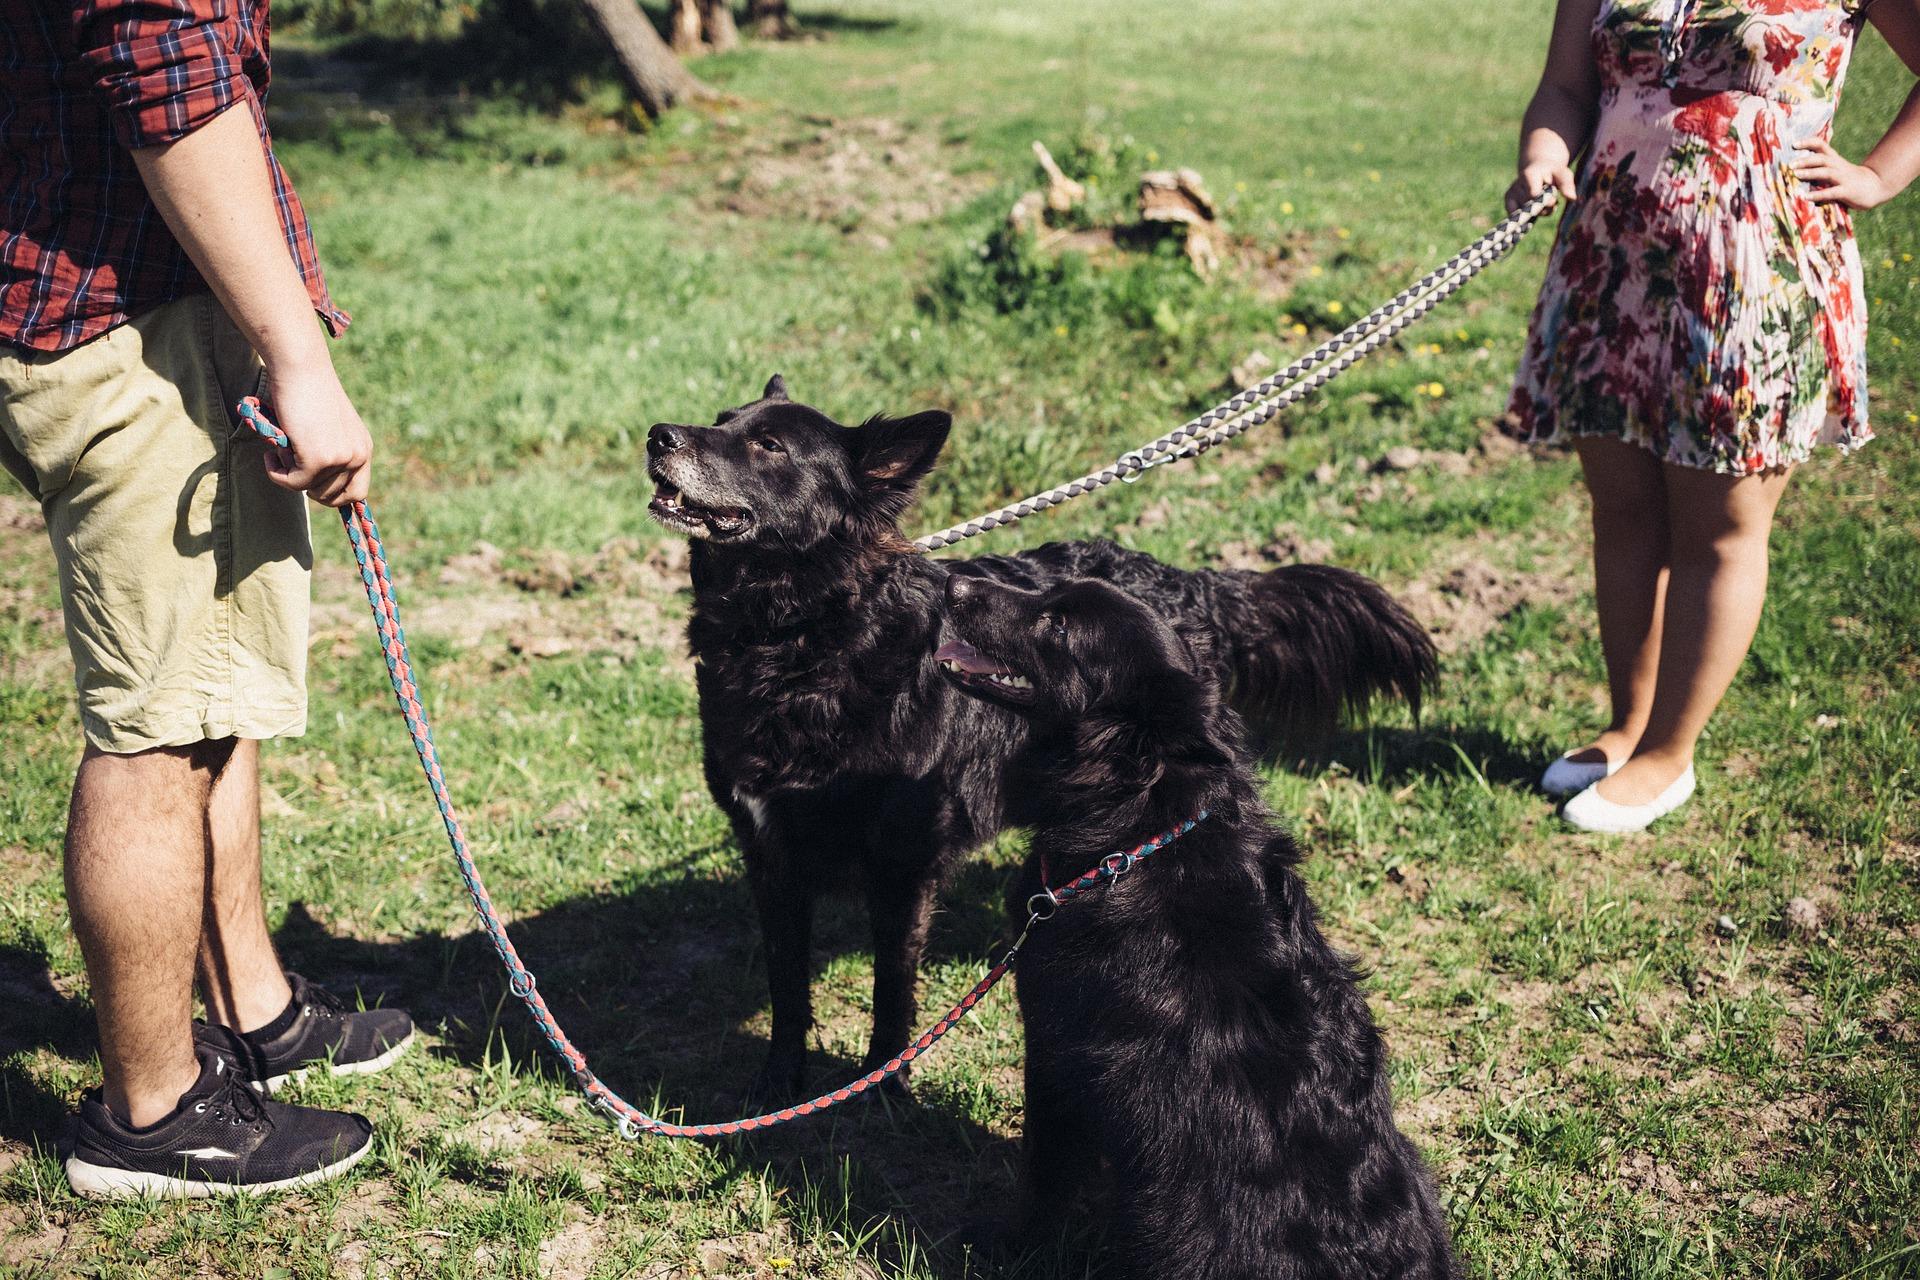 Las enfermedades de transmisión sexual son comunes en perros